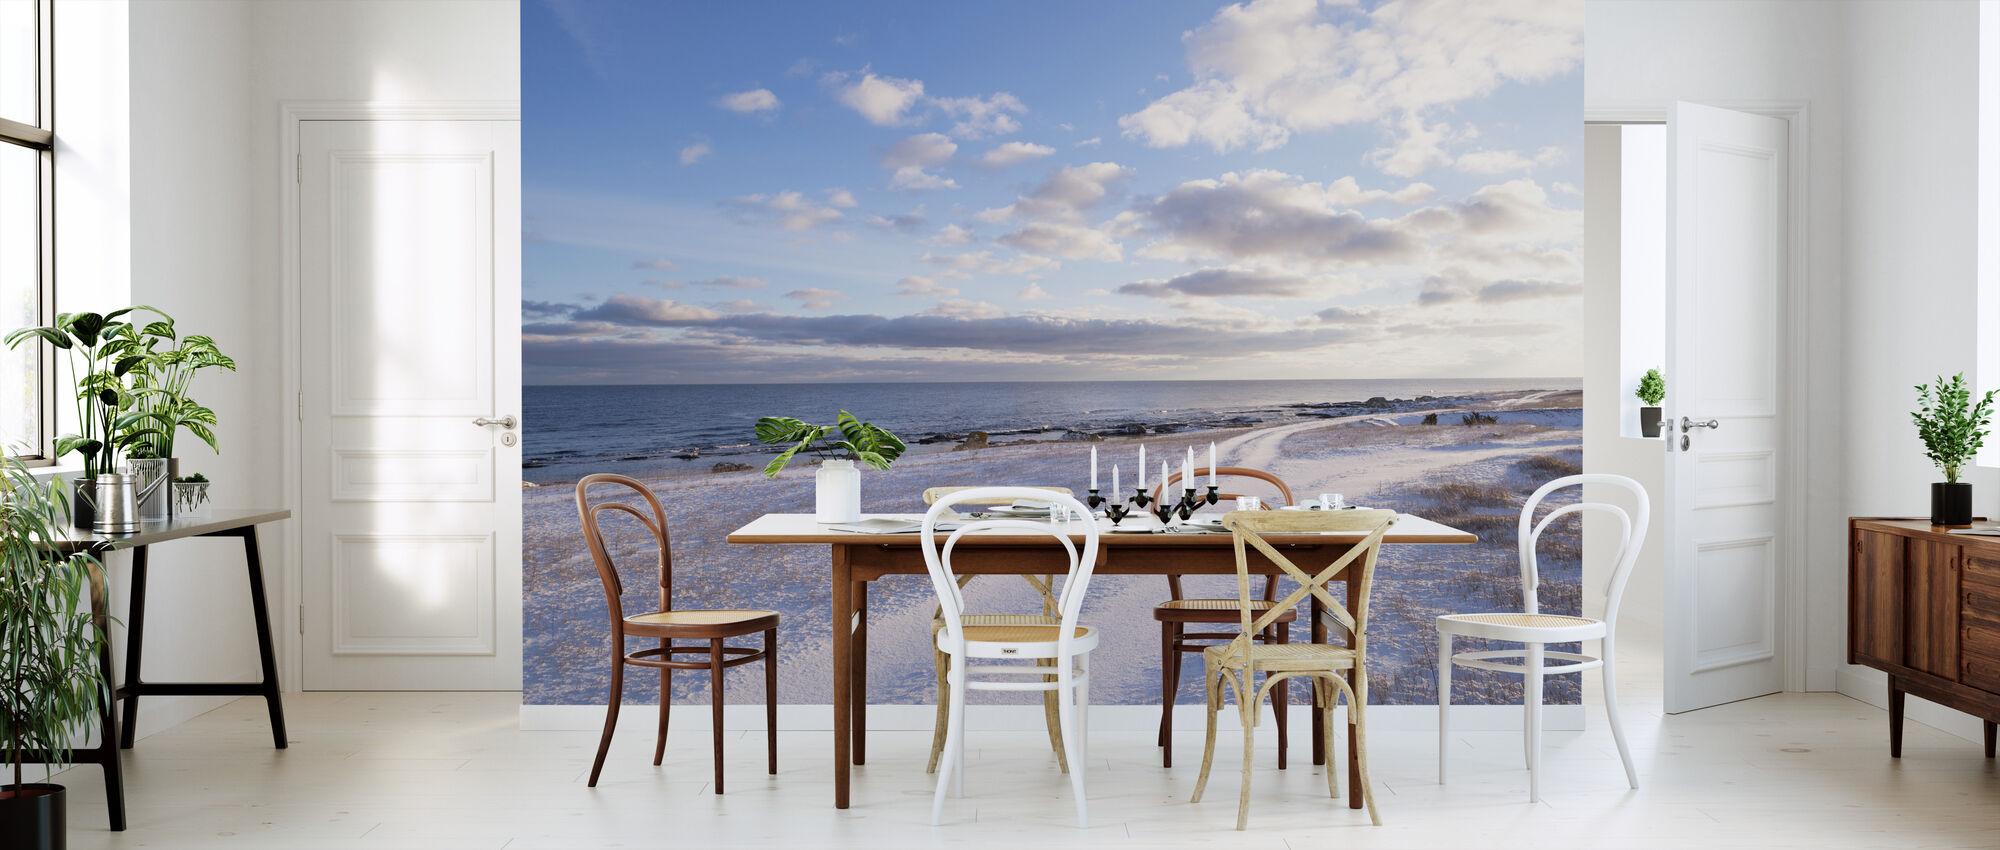 Winter Beach at Gotland - Wallpaper - Kitchen